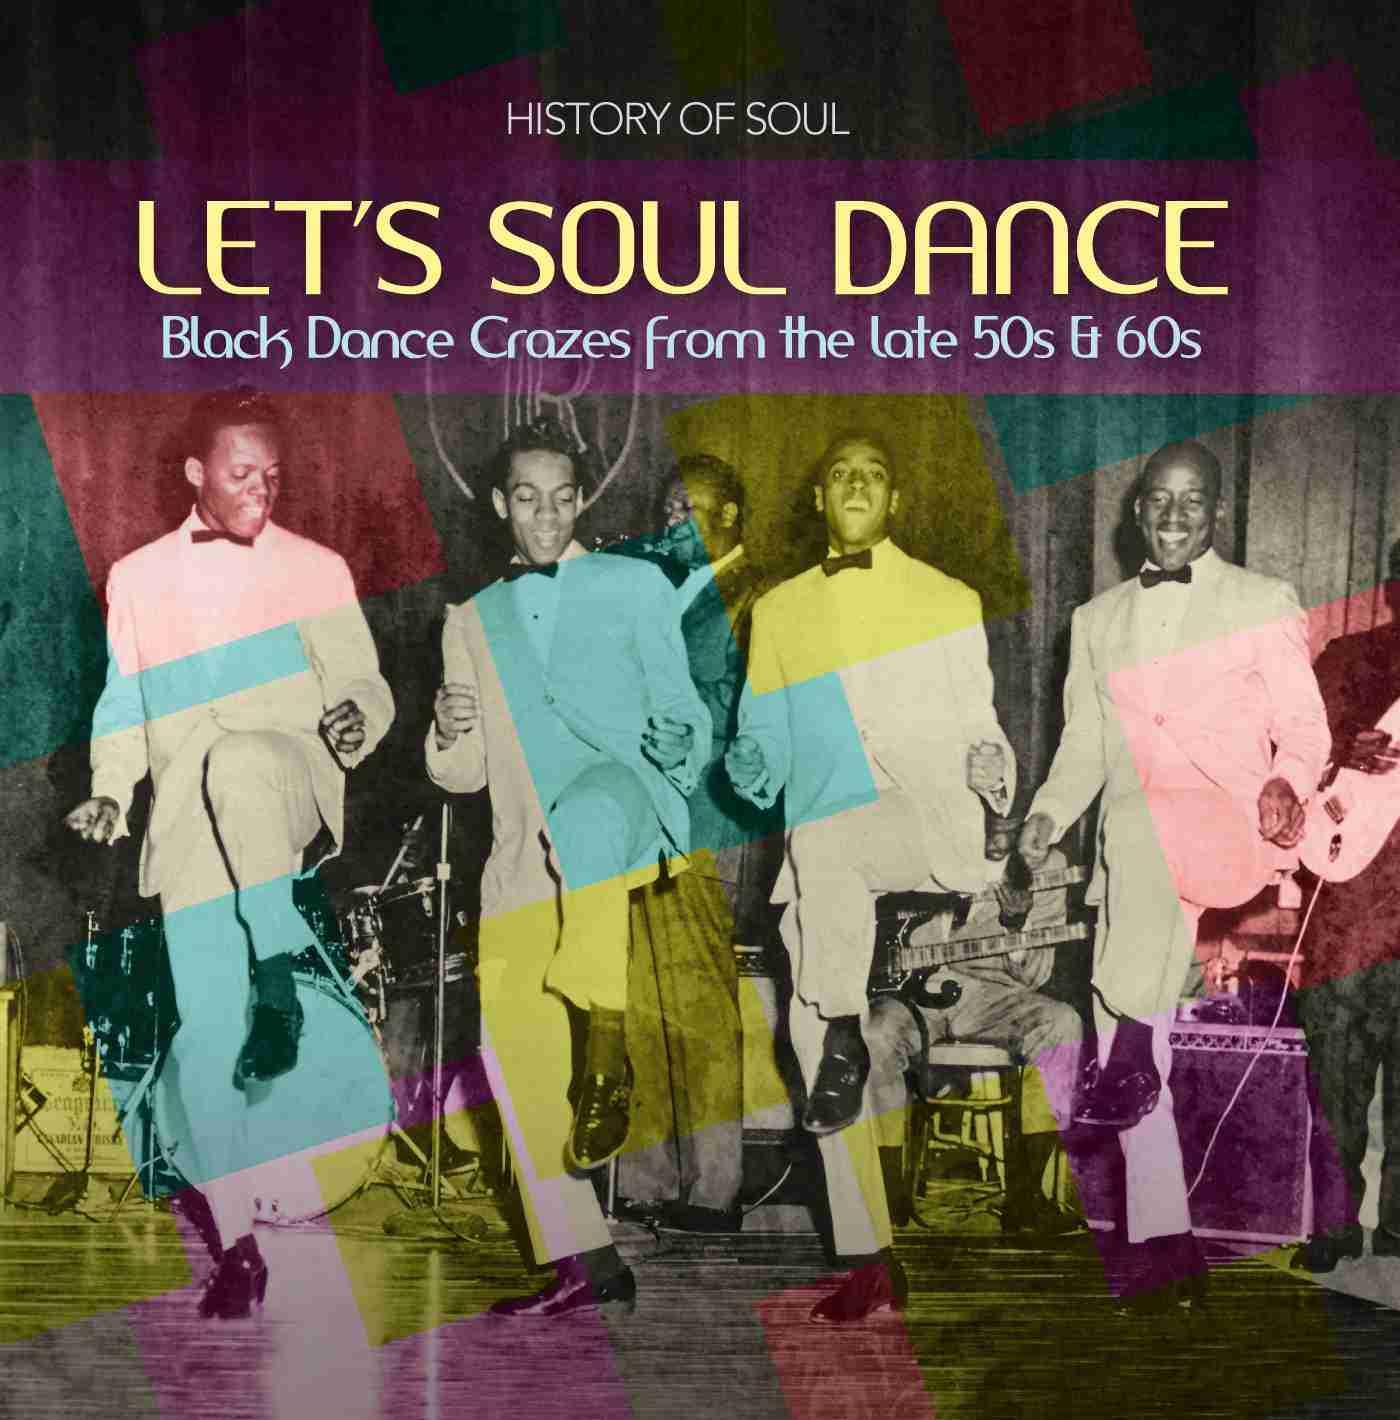 Let's Soul Dance